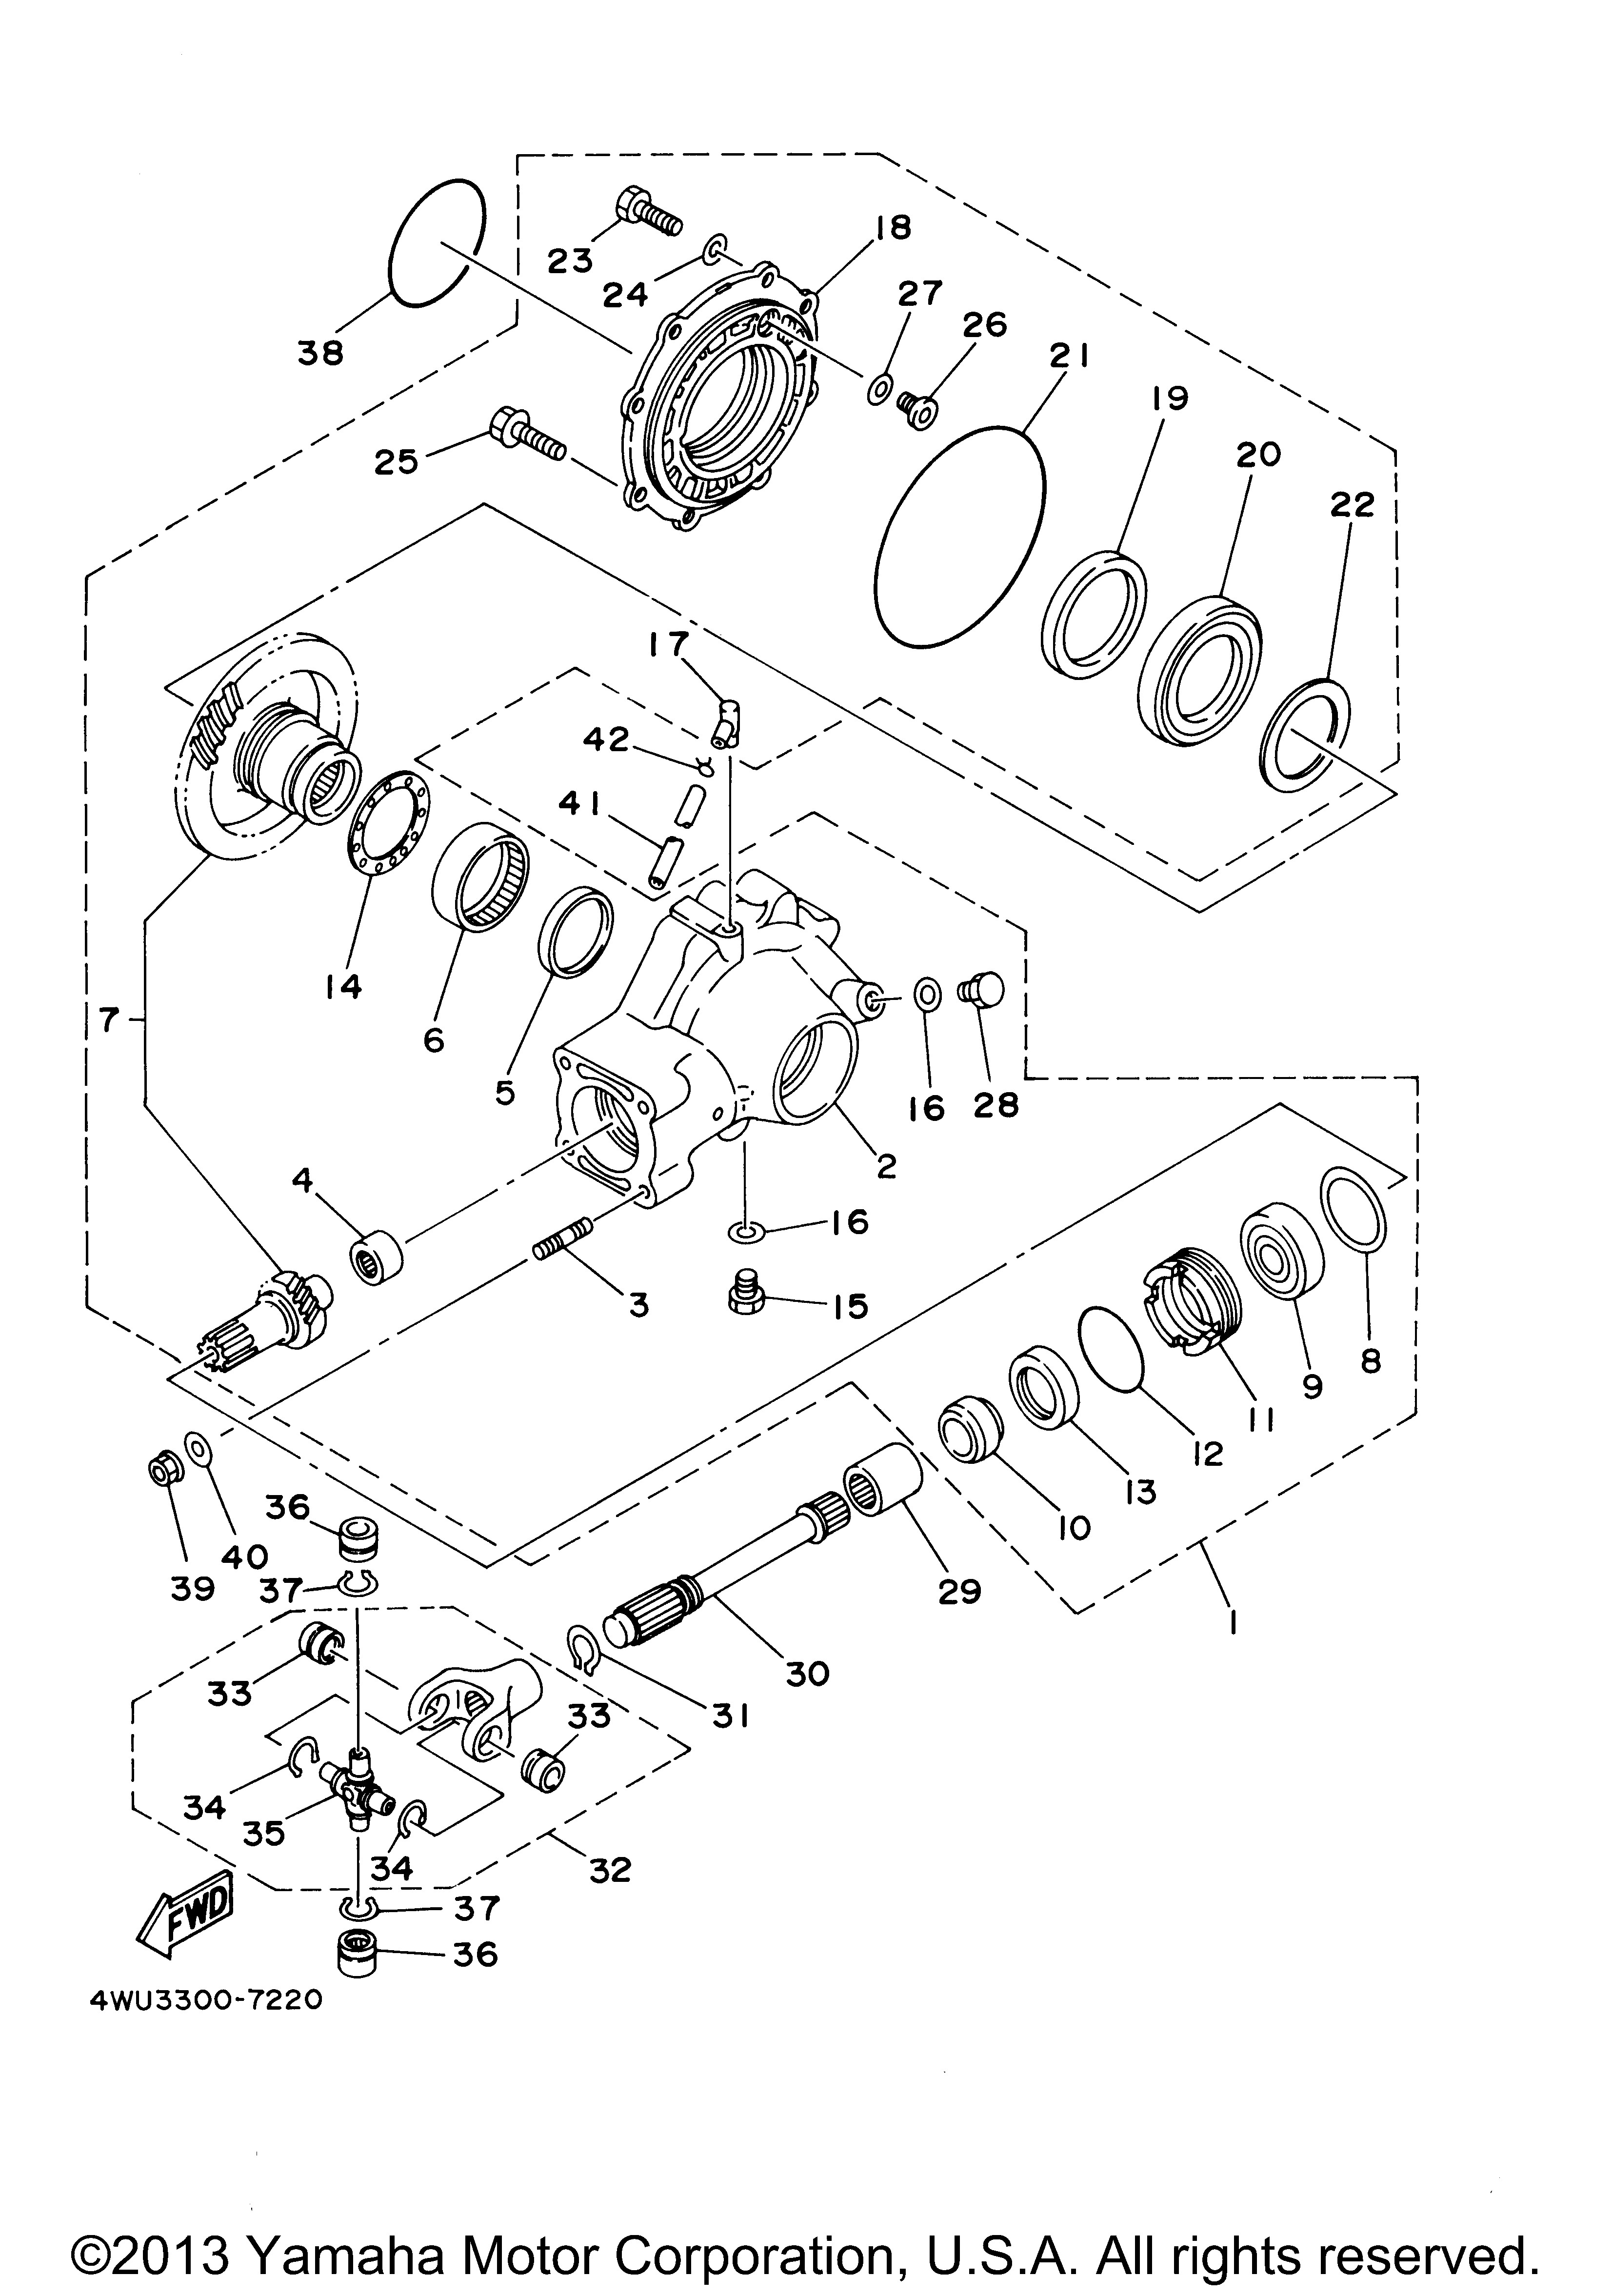 Yamaha OEM Part 90508-16460-00